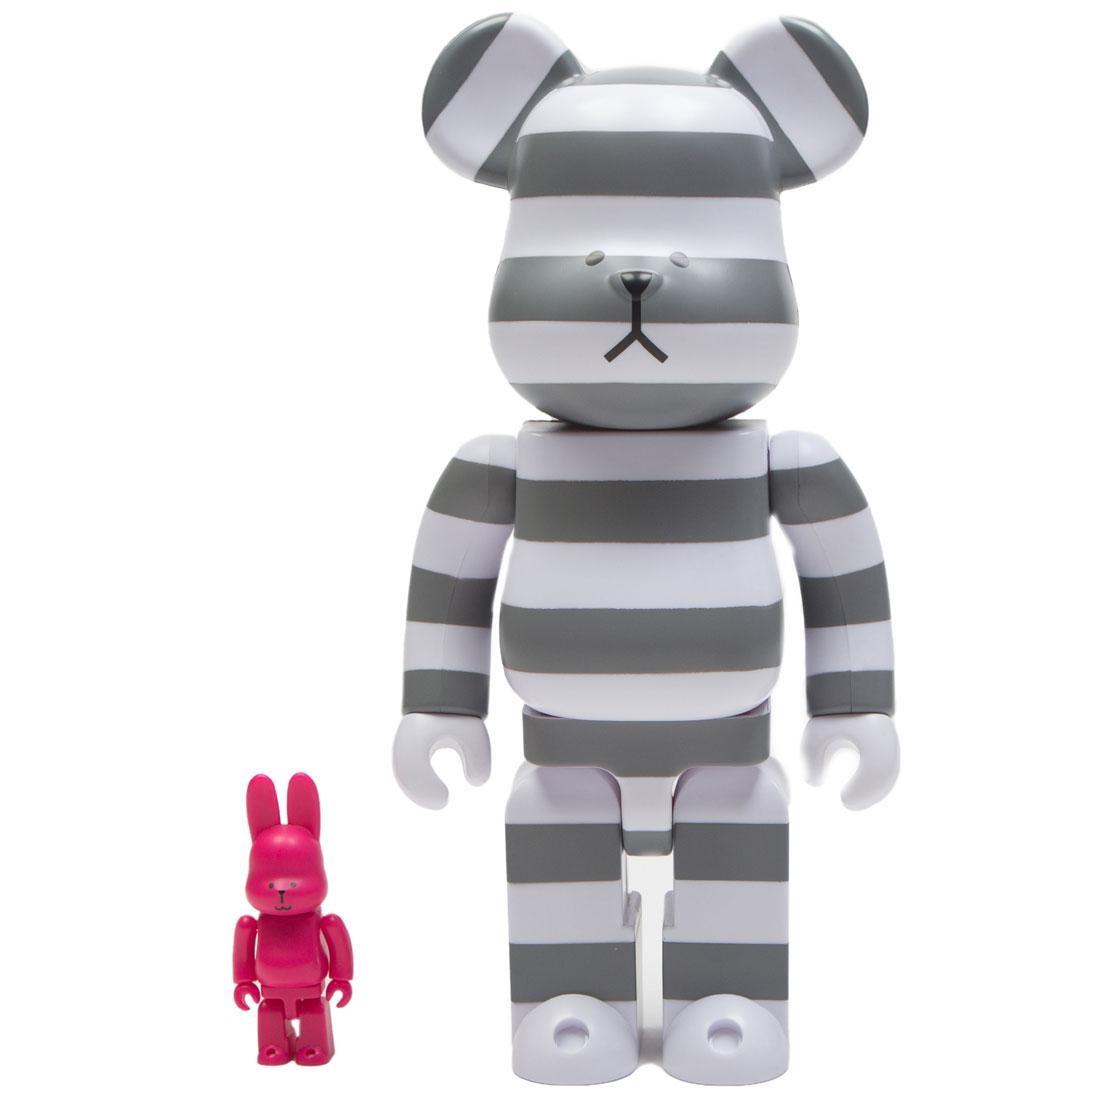 Medicom Craftholic 100% Rabbrick 400% Bearbrick Figure Set (white / pink)